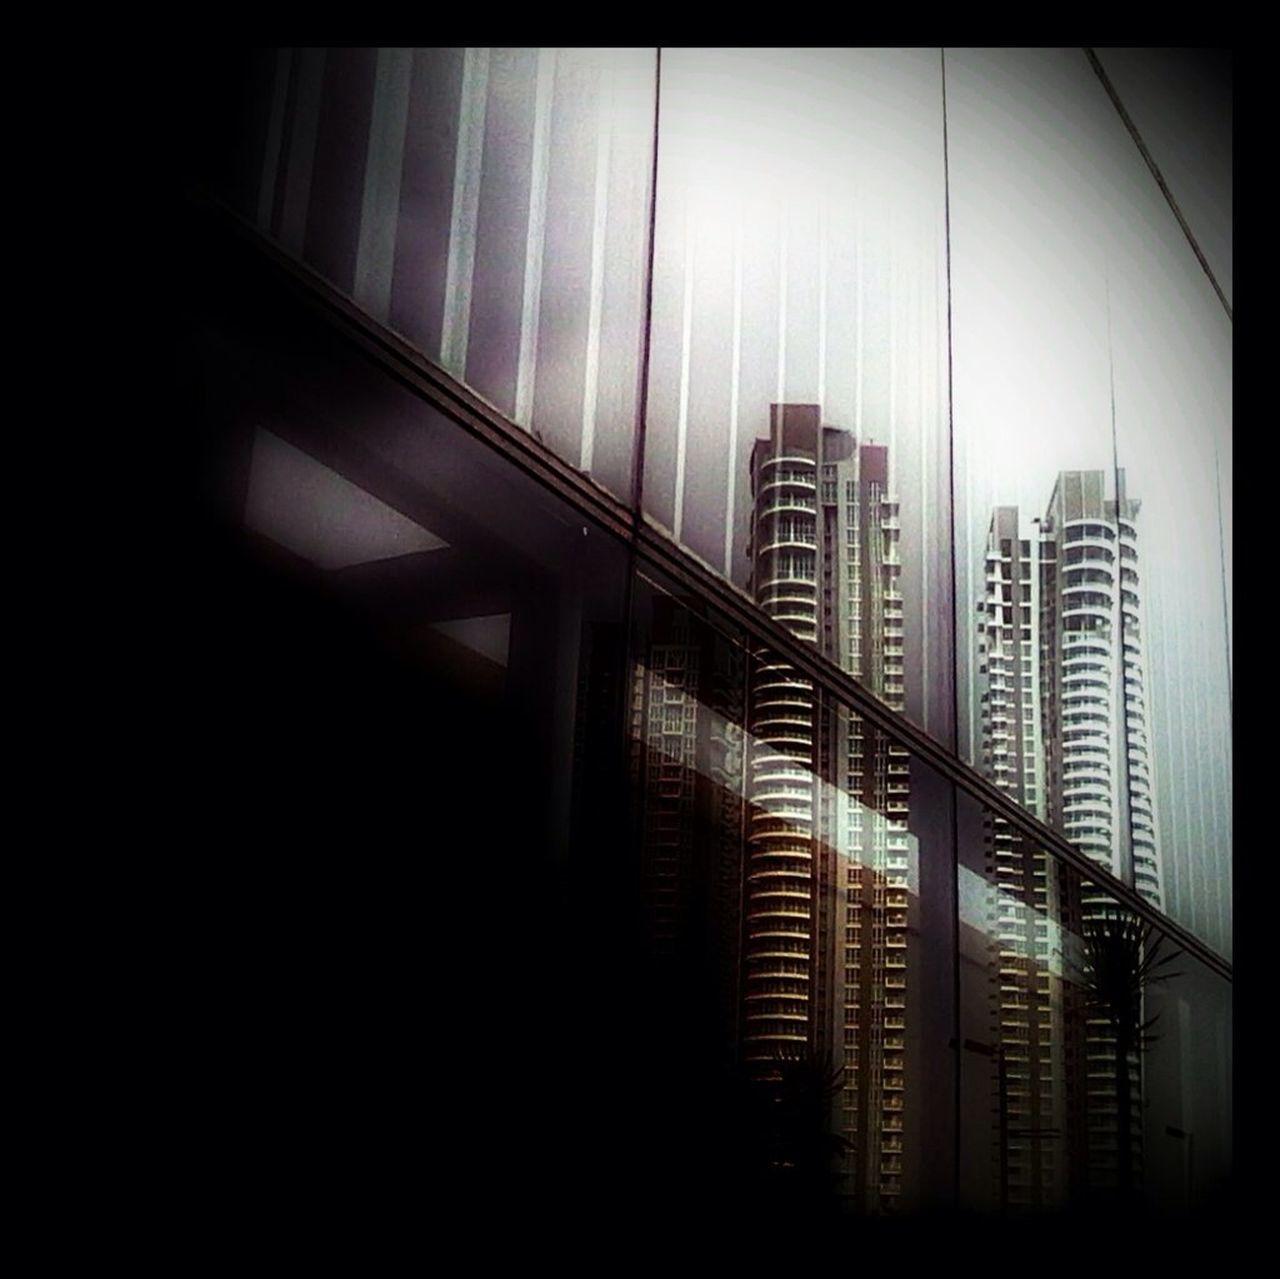 Architecture Réflexion Nexian